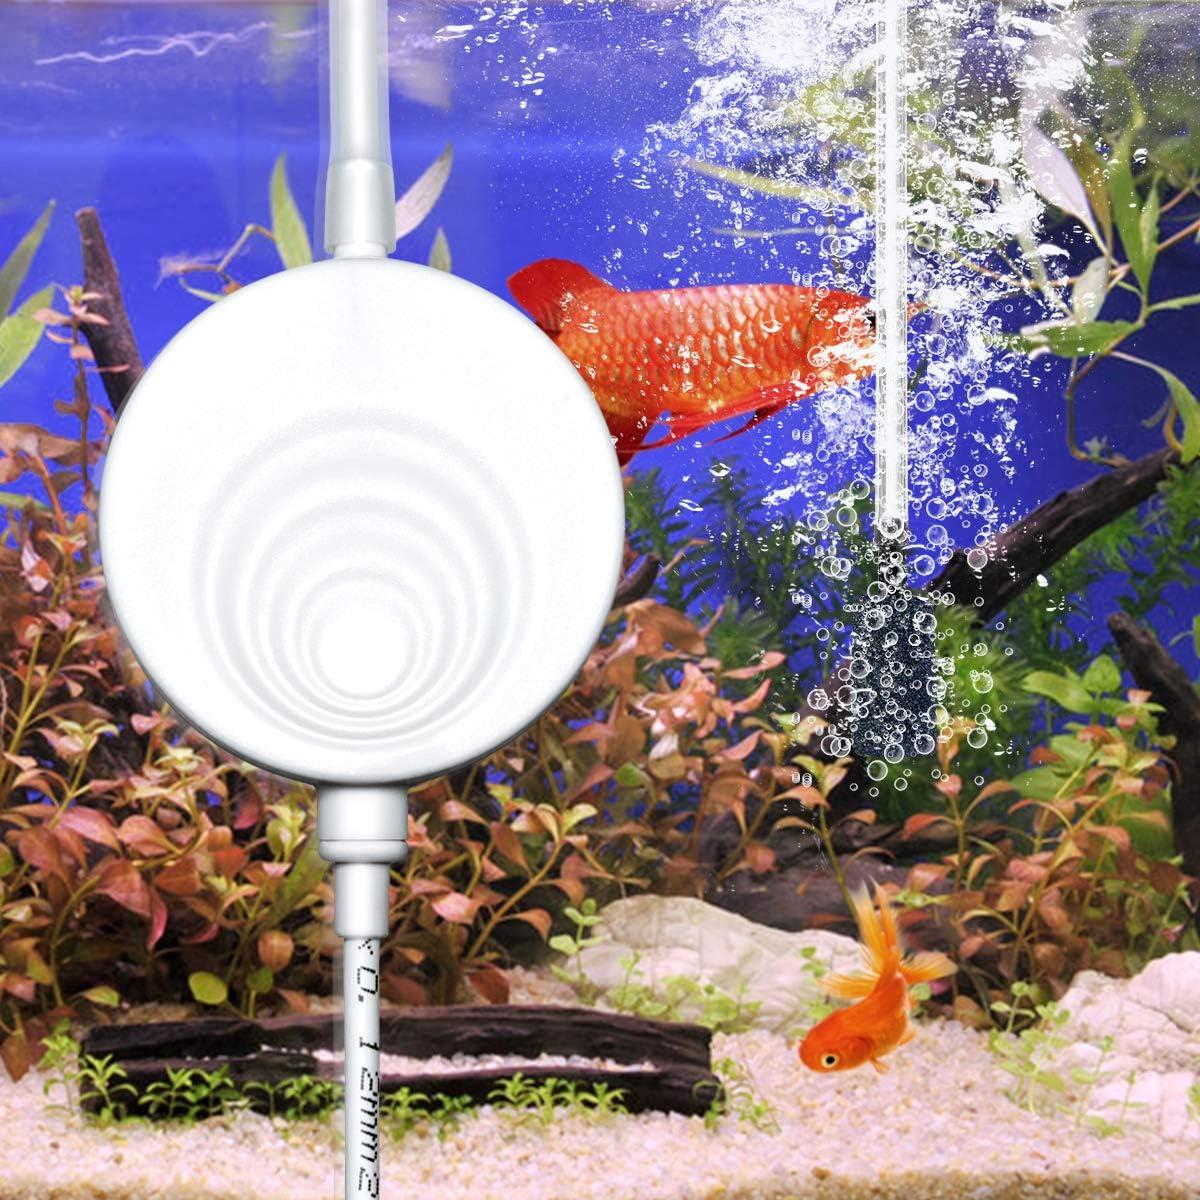 MVPower Aquarium Luftpumpe leise Sauerstoffpumpe 300mL//M Ausströmer Oxygen Pumpe Belüfter für Aquarien